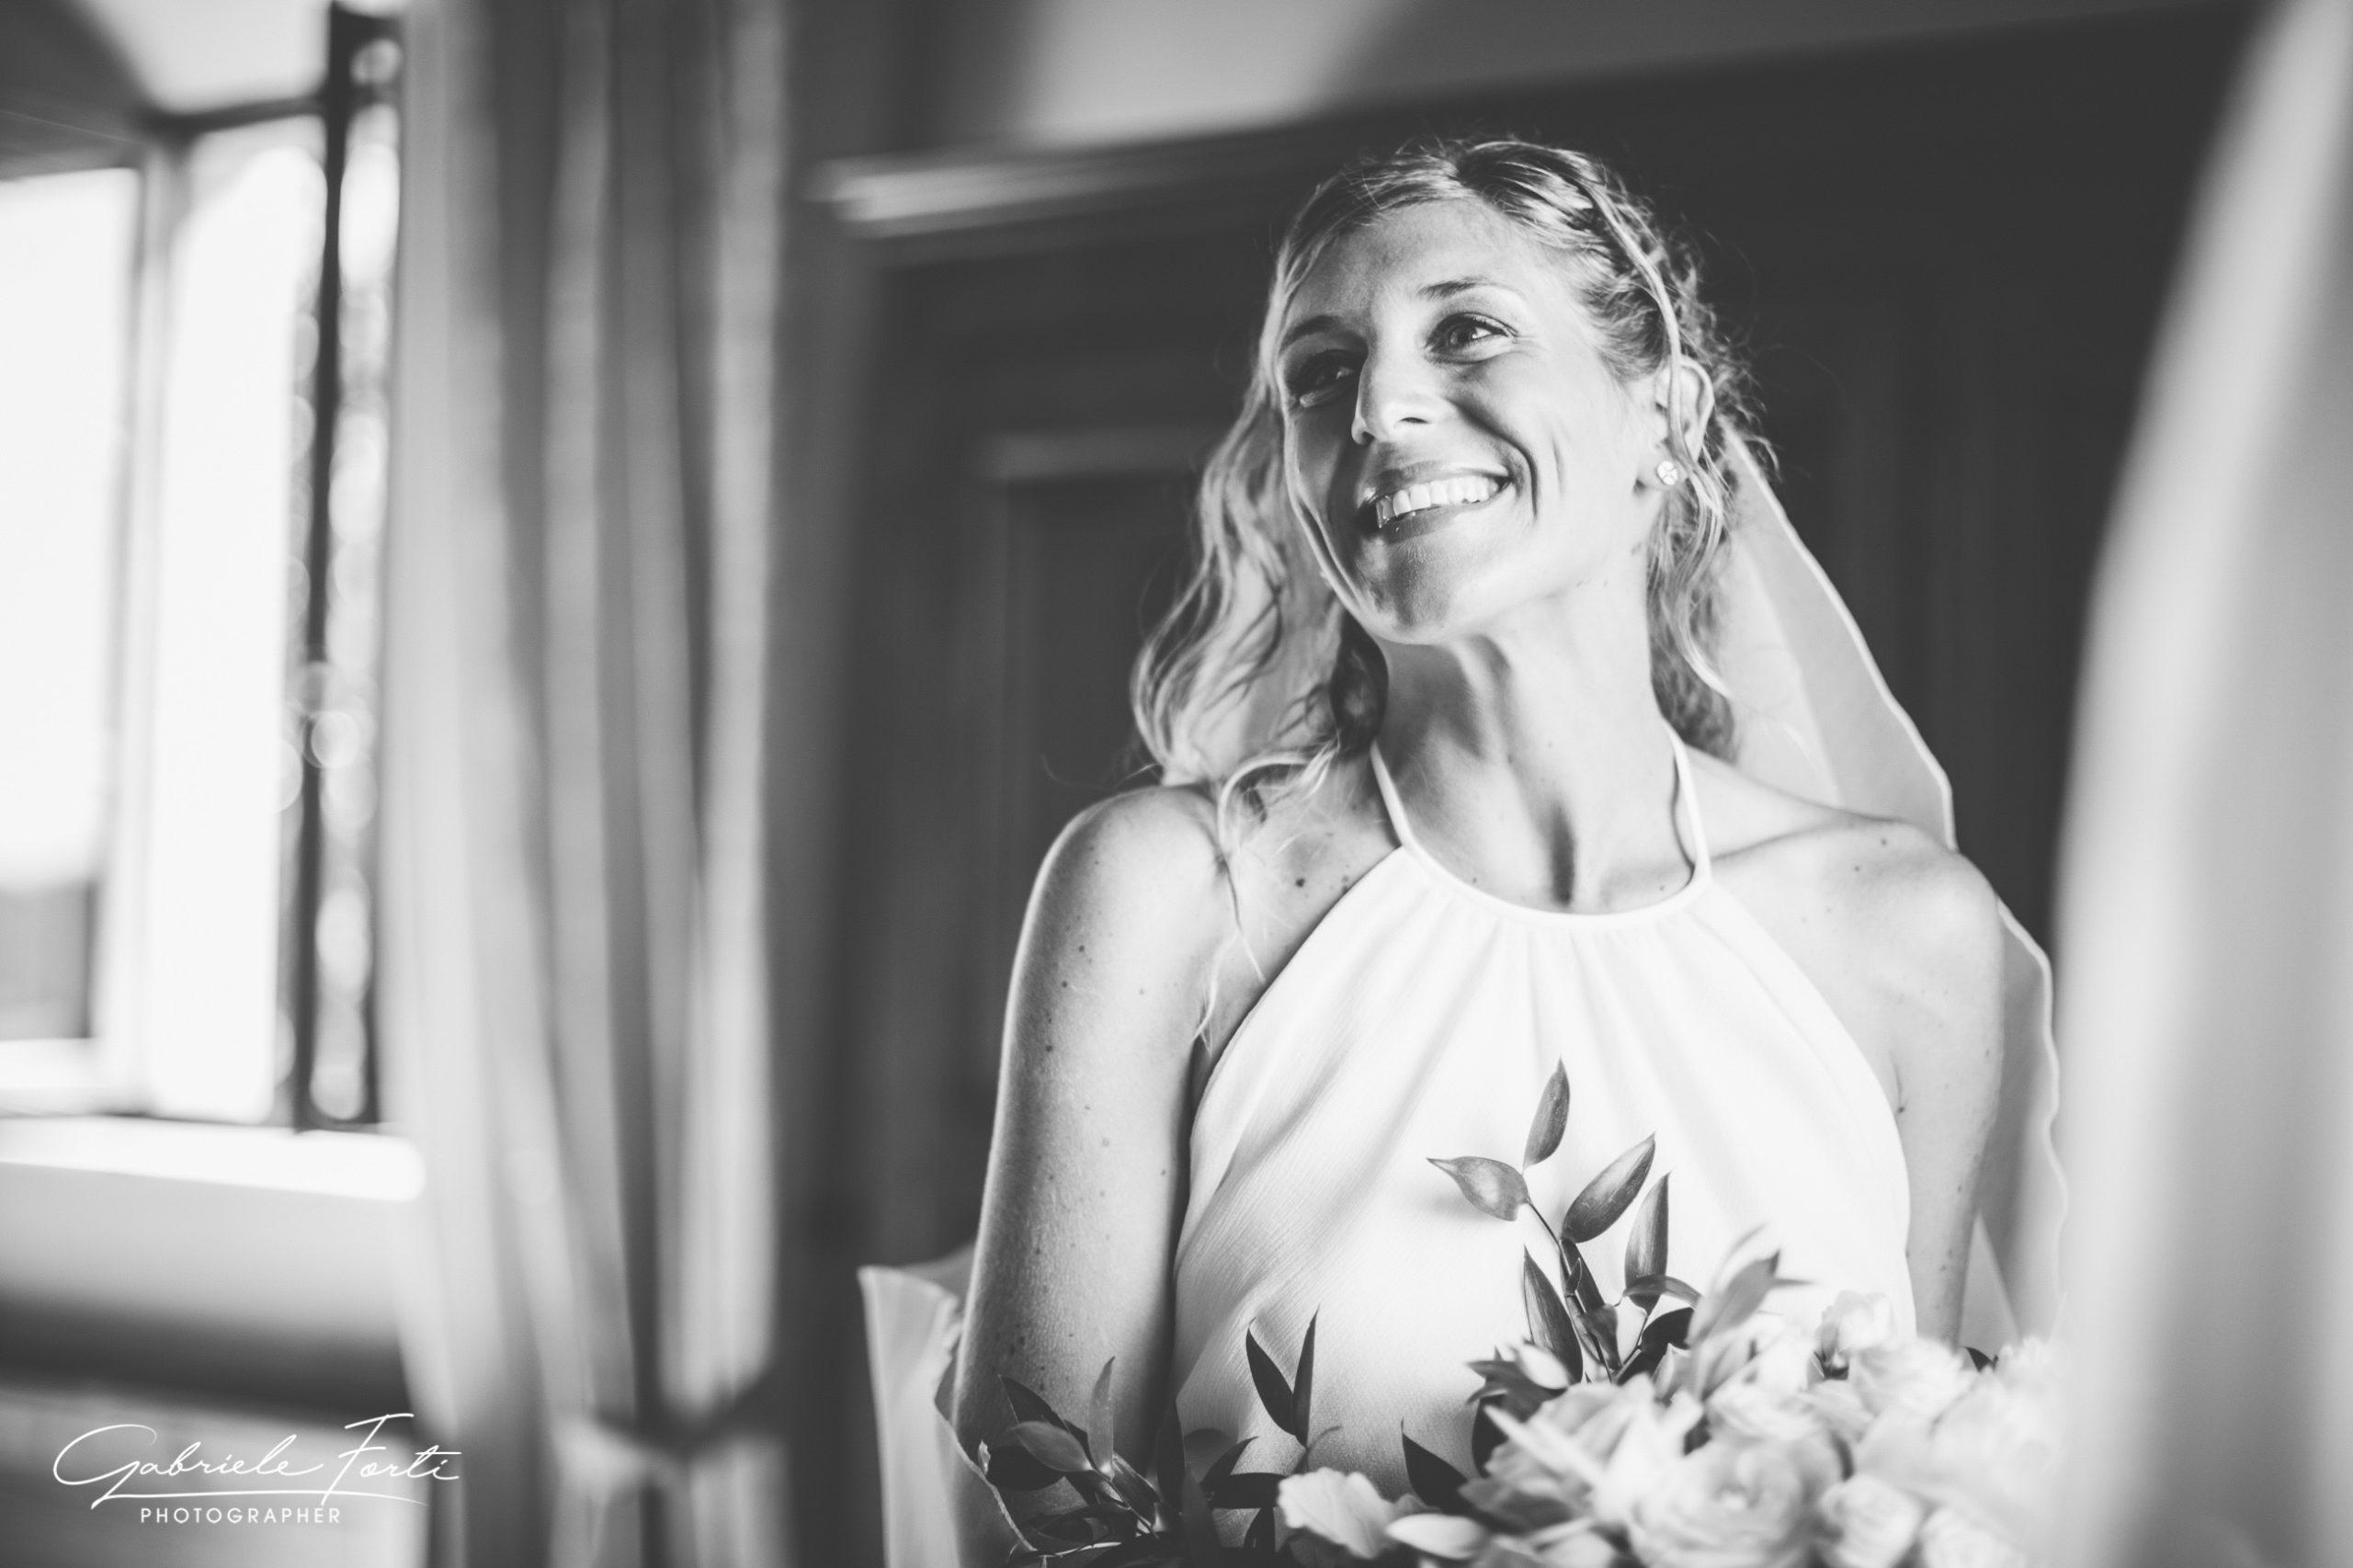 wedding-tuscany-siena-firenze-pienza-montepulciano-la-certosa-di-pontignano-sposarsi-in-toscana-foto-forti-gabriele